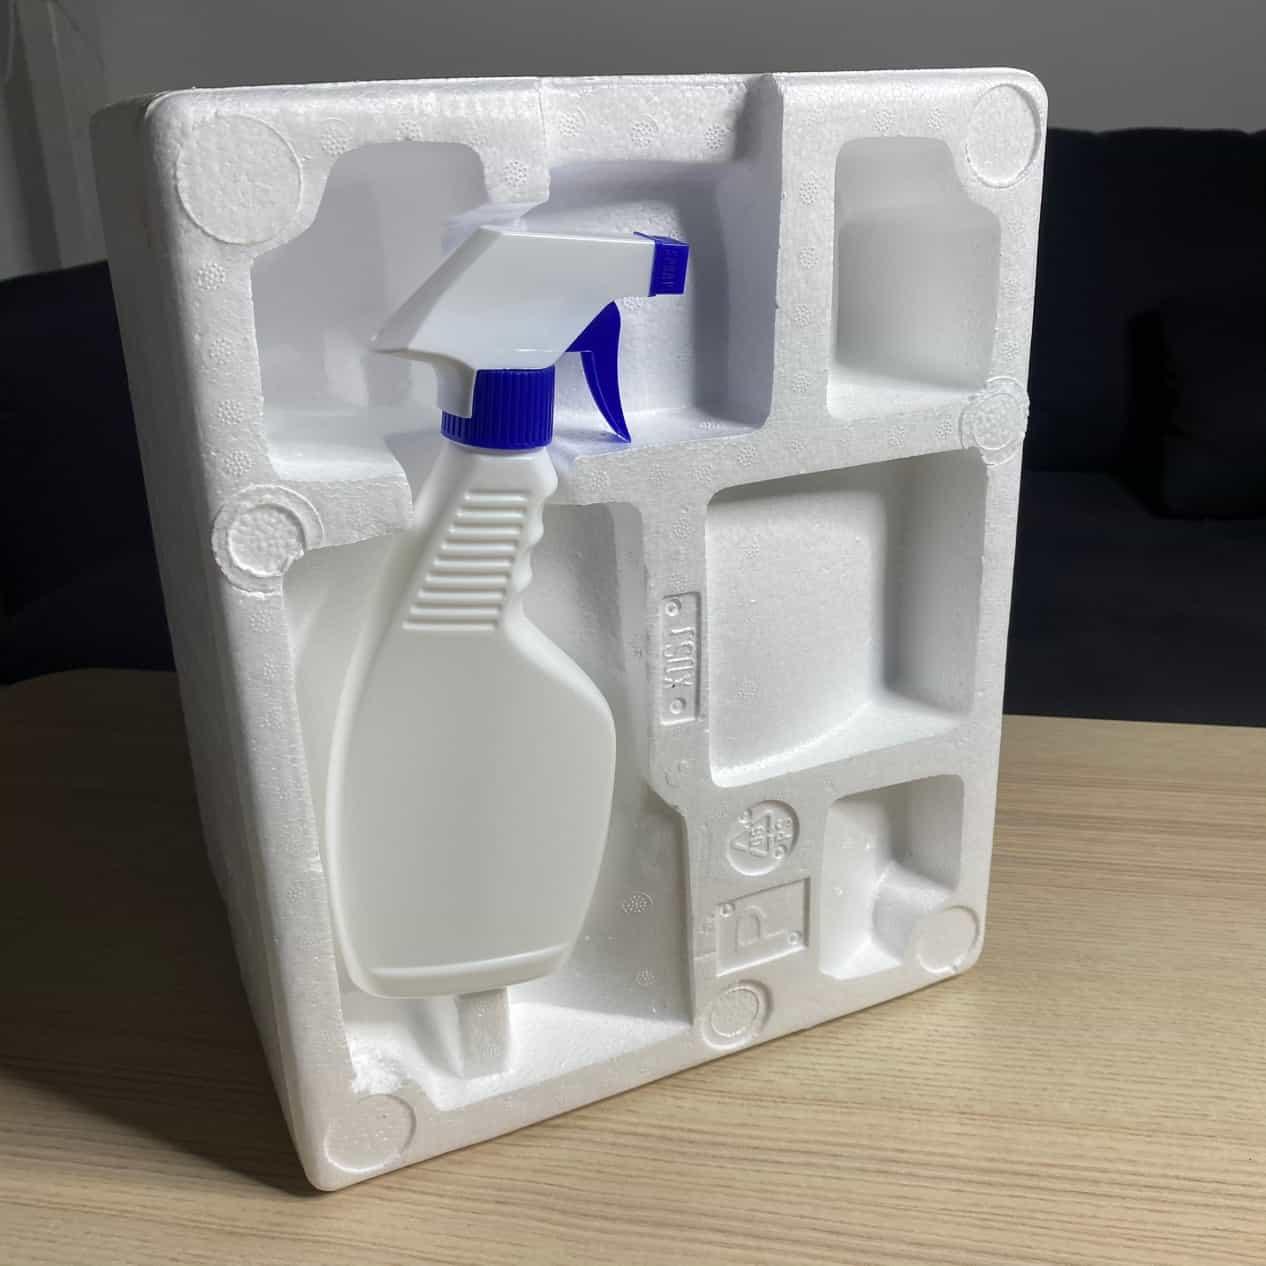 凱撒次氯酸水製造機保麗龍保護包裝